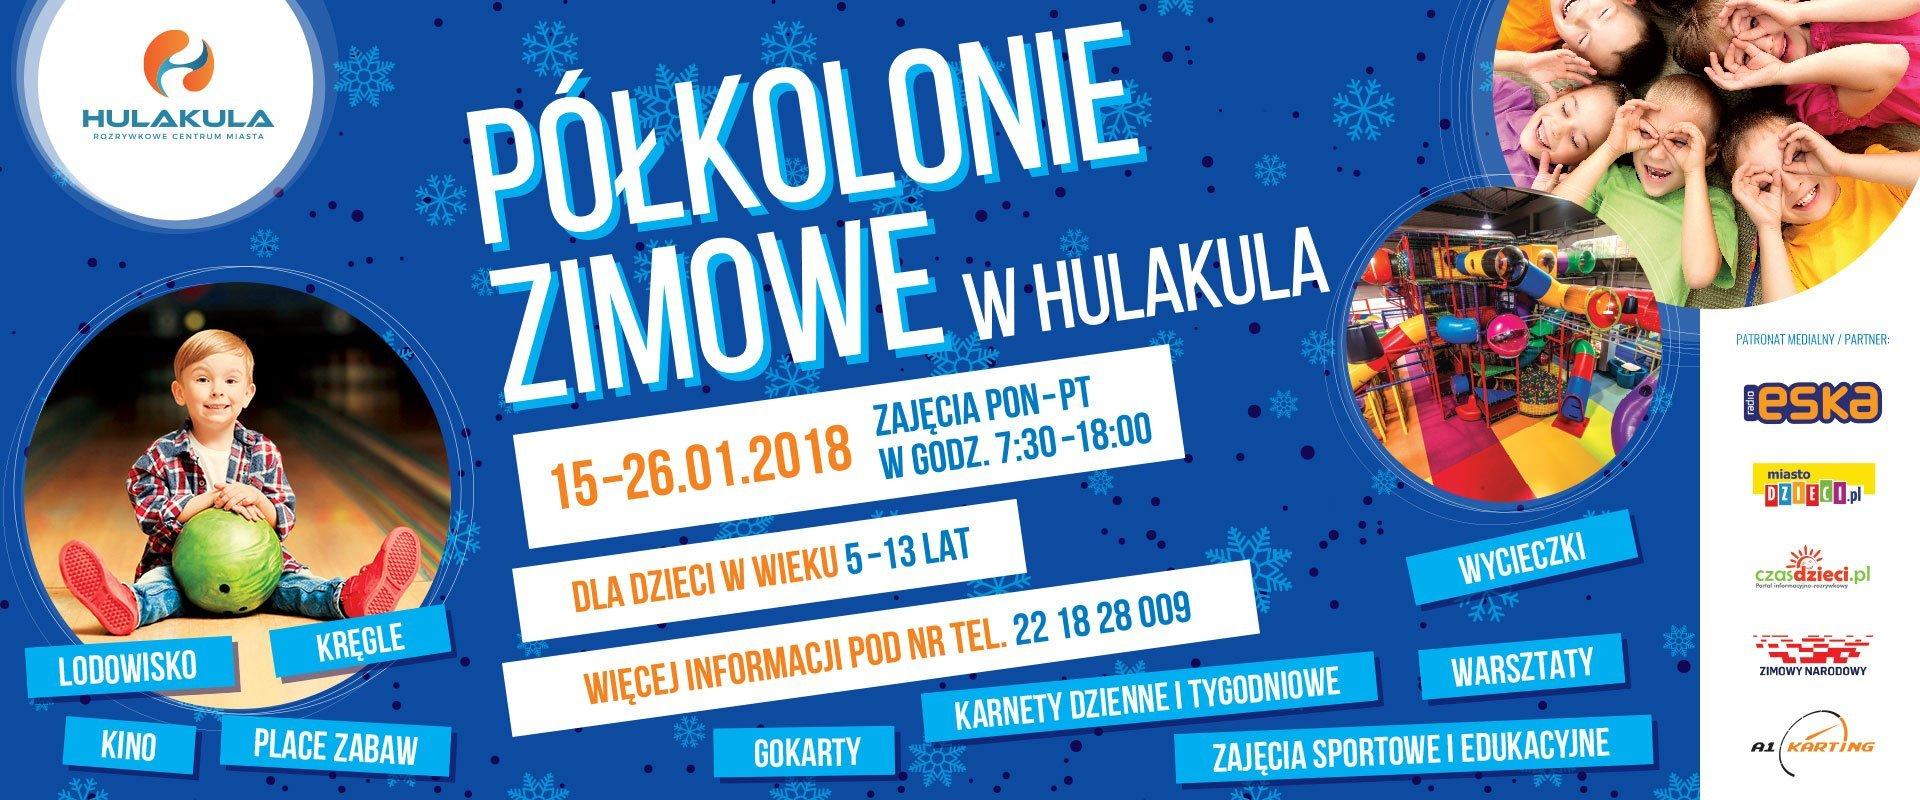 Zima w mieście 2018 Warszawa Hulakula